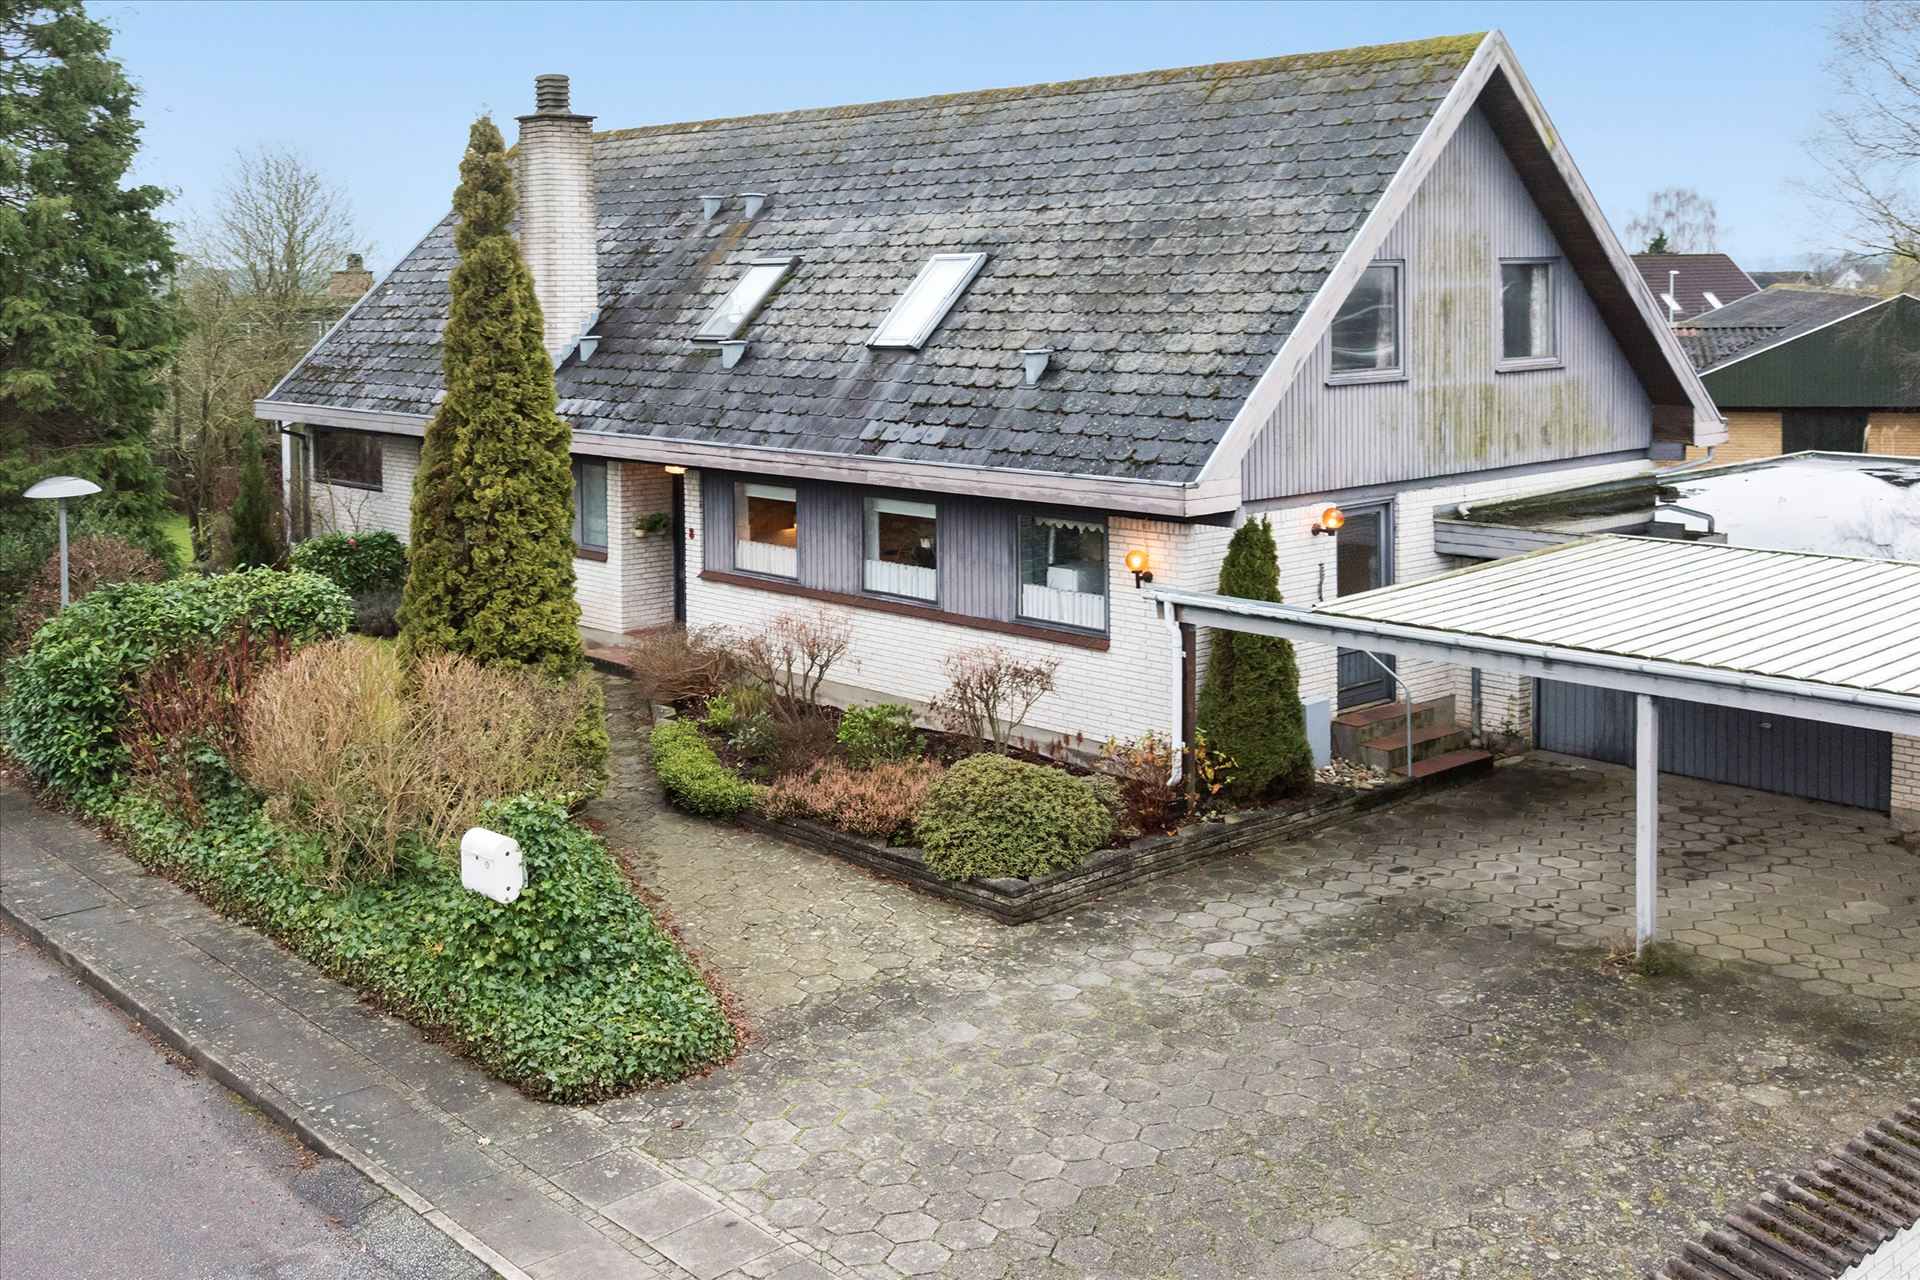 Villa til Salg - Siøvænget 8, 7000 Fredericia